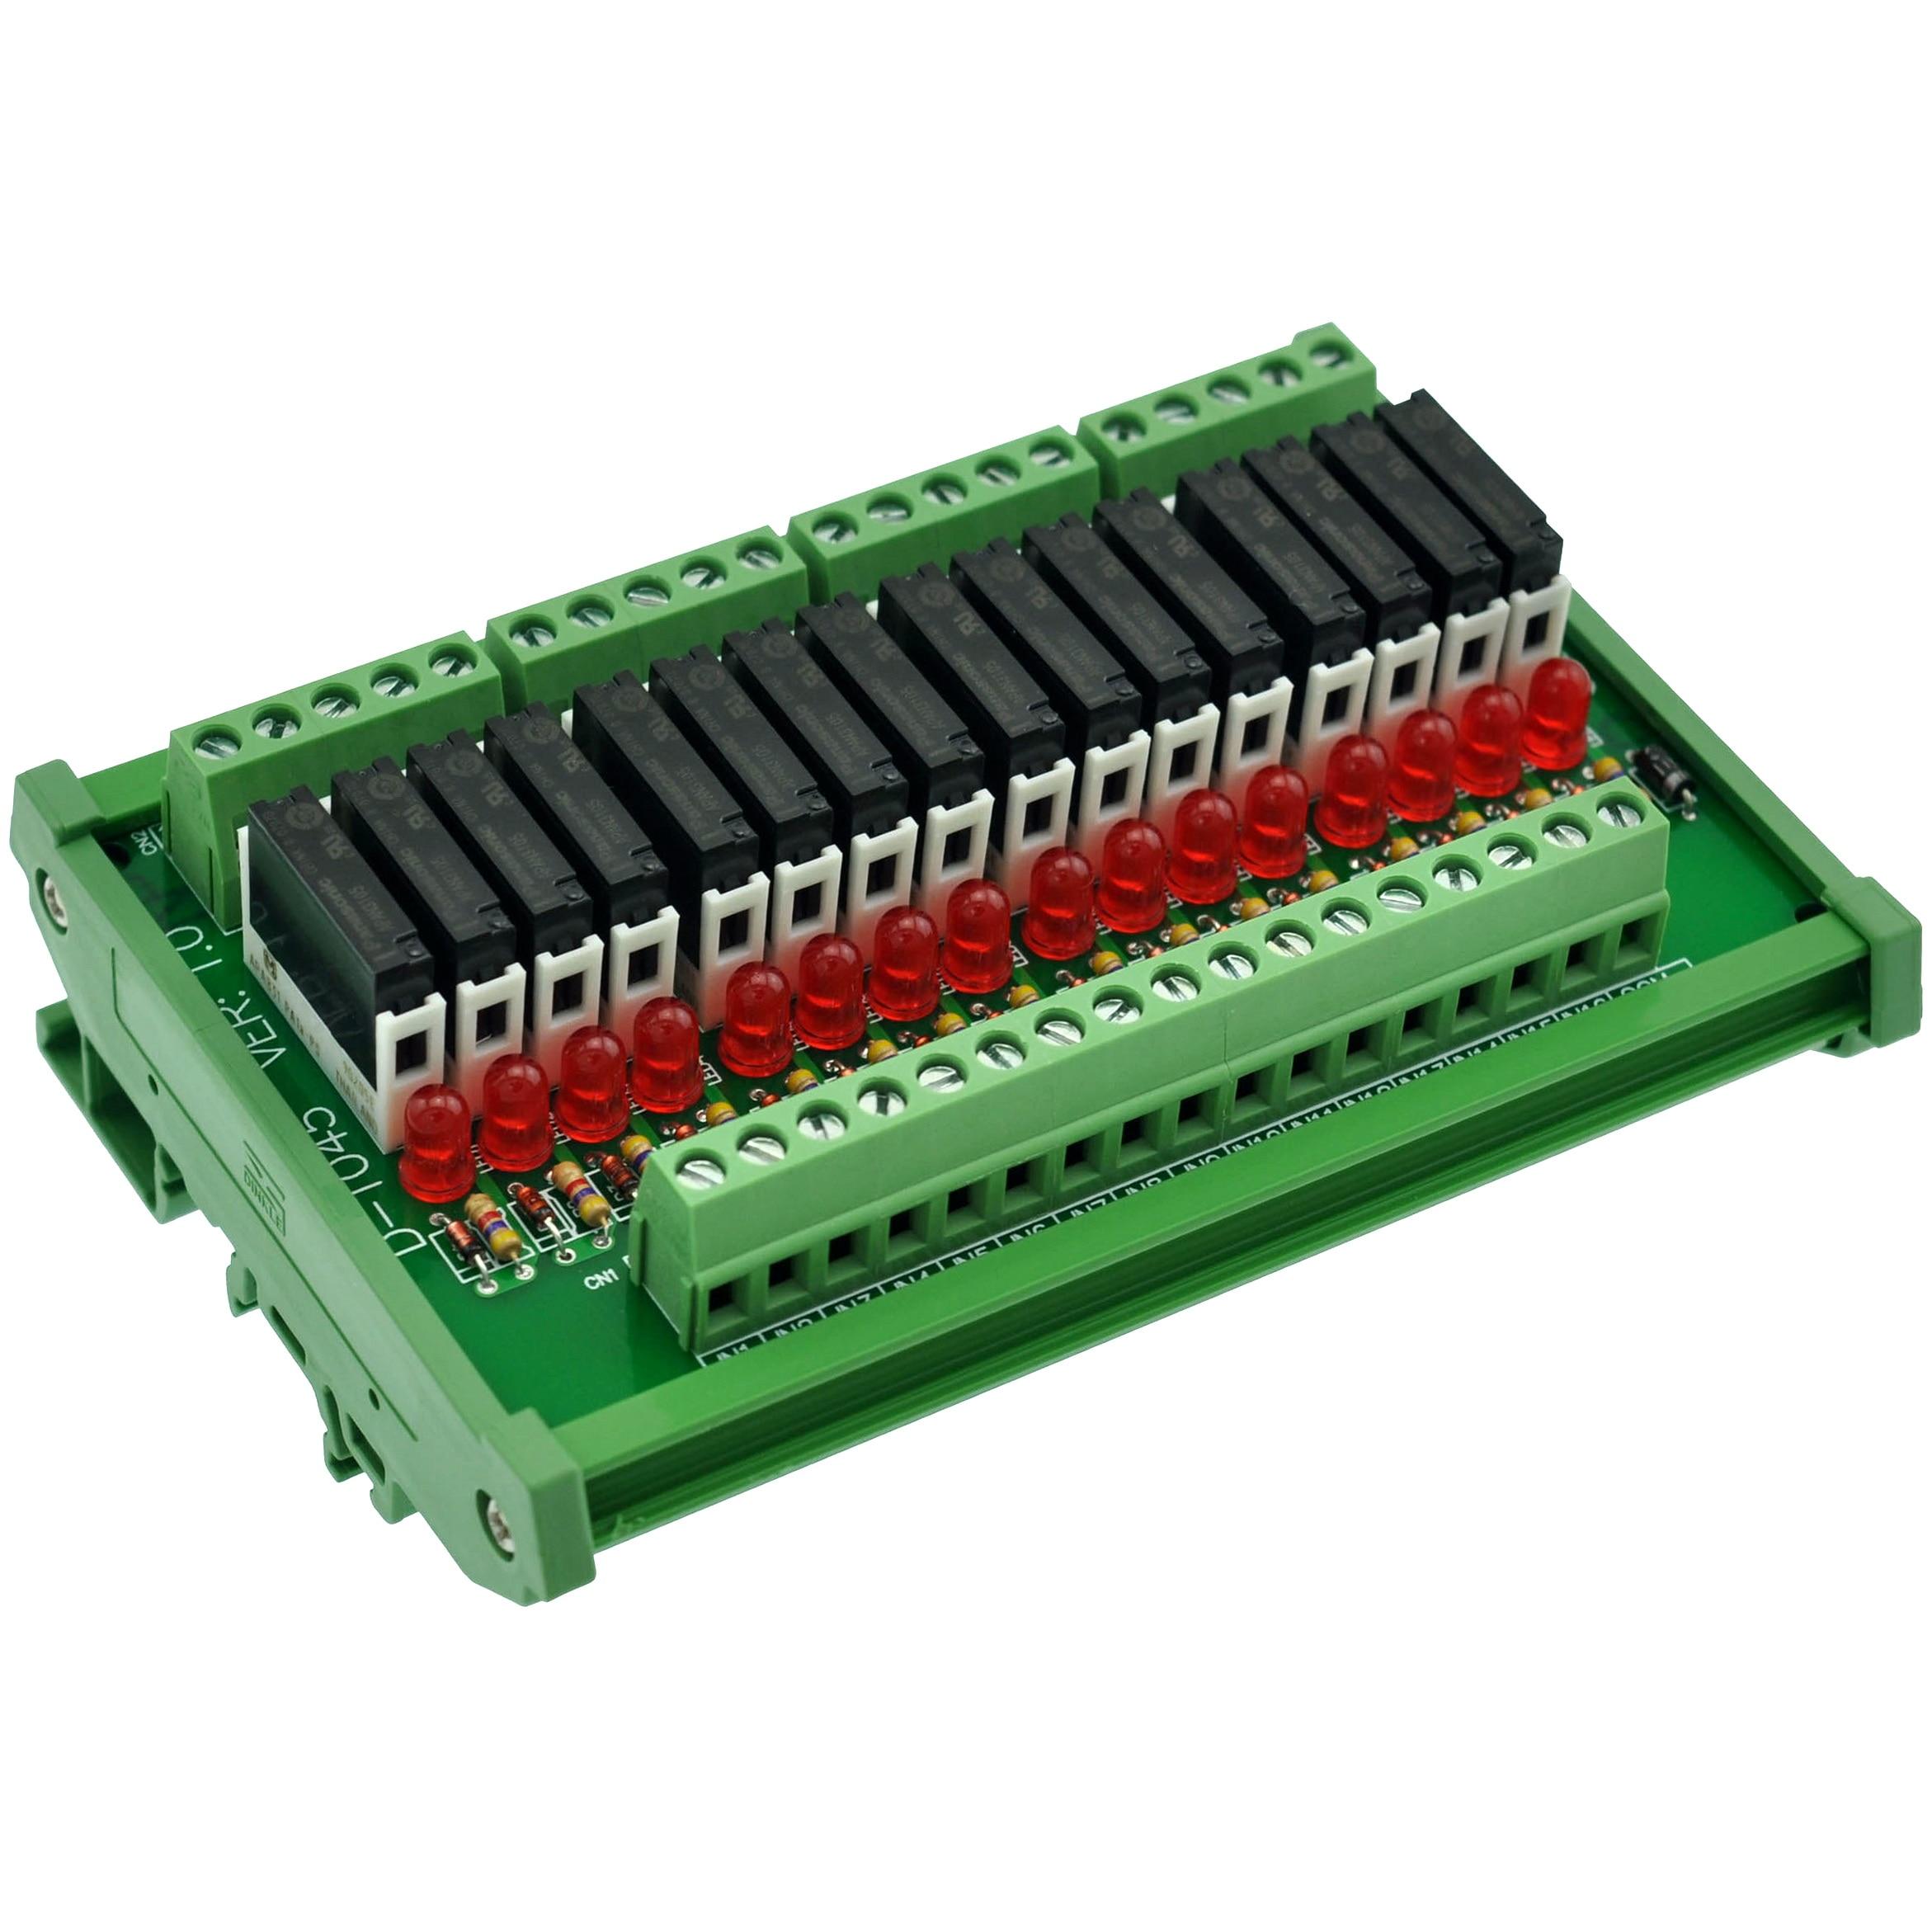 Slim DIN Rail Mount DC5V Source/PNP 16 SPST-NO 5A Power Relay Module, APAN3105